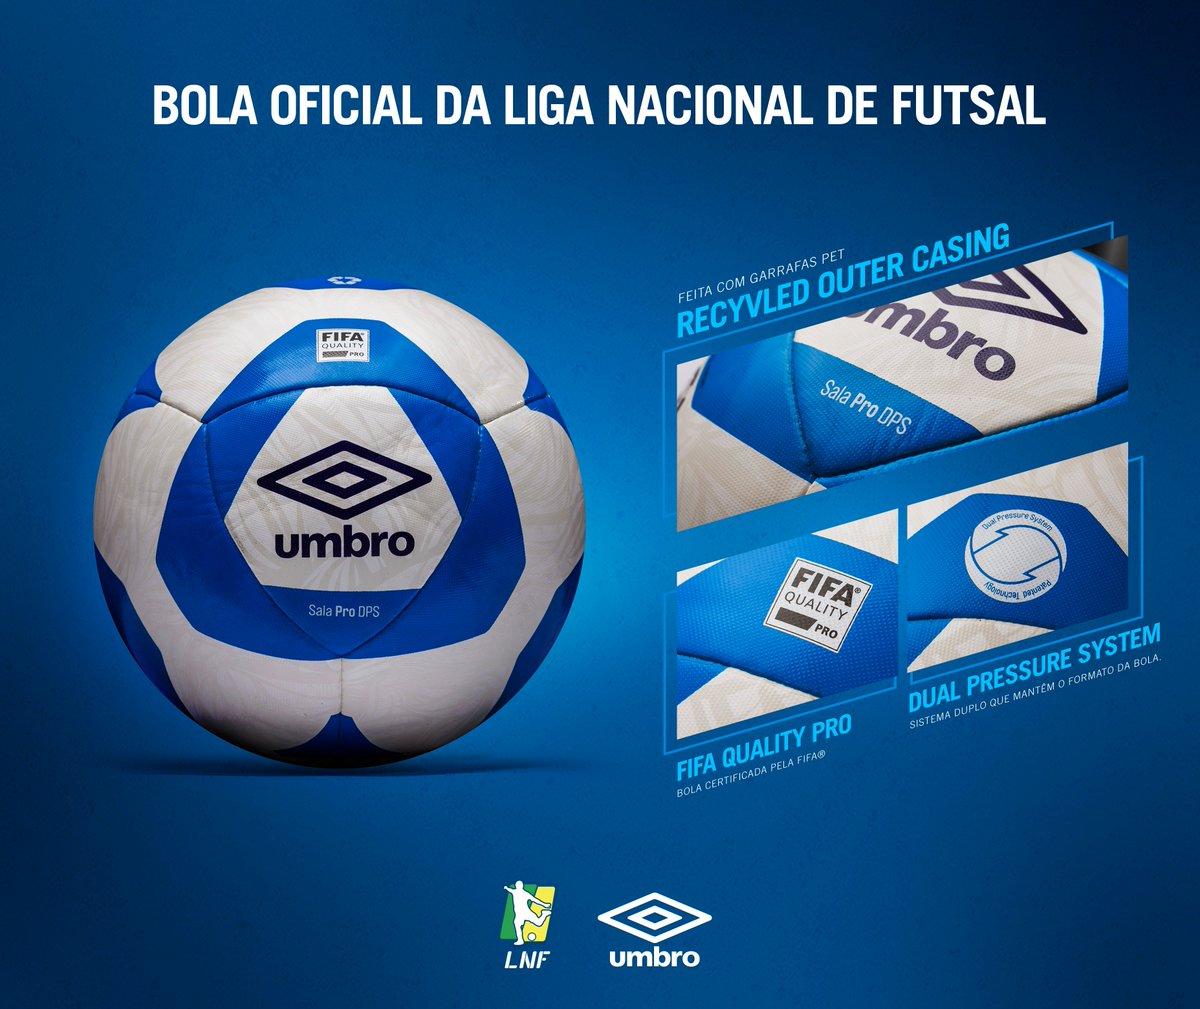 Umbro Brasil on Twitter